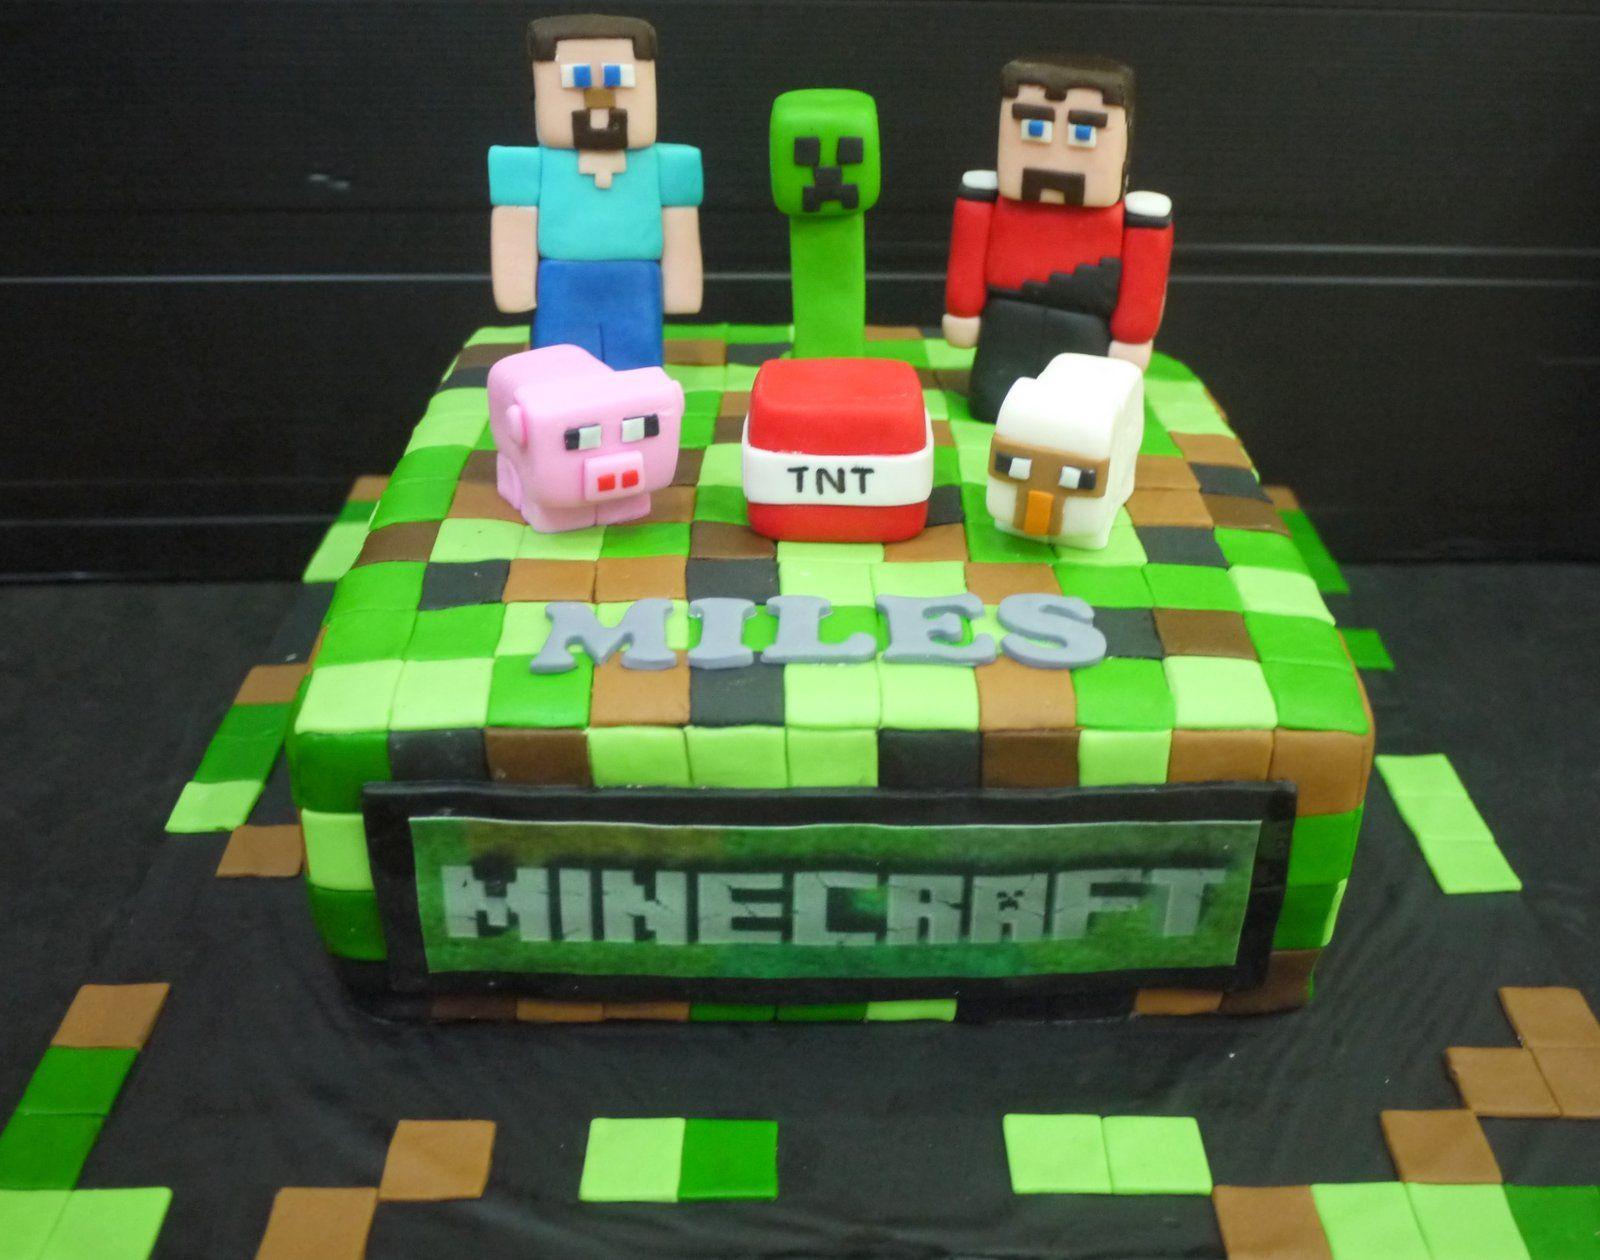 minecraft birthday cake ideas ideas pinterest kuchen ideen kuchen und geburtstag. Black Bedroom Furniture Sets. Home Design Ideas